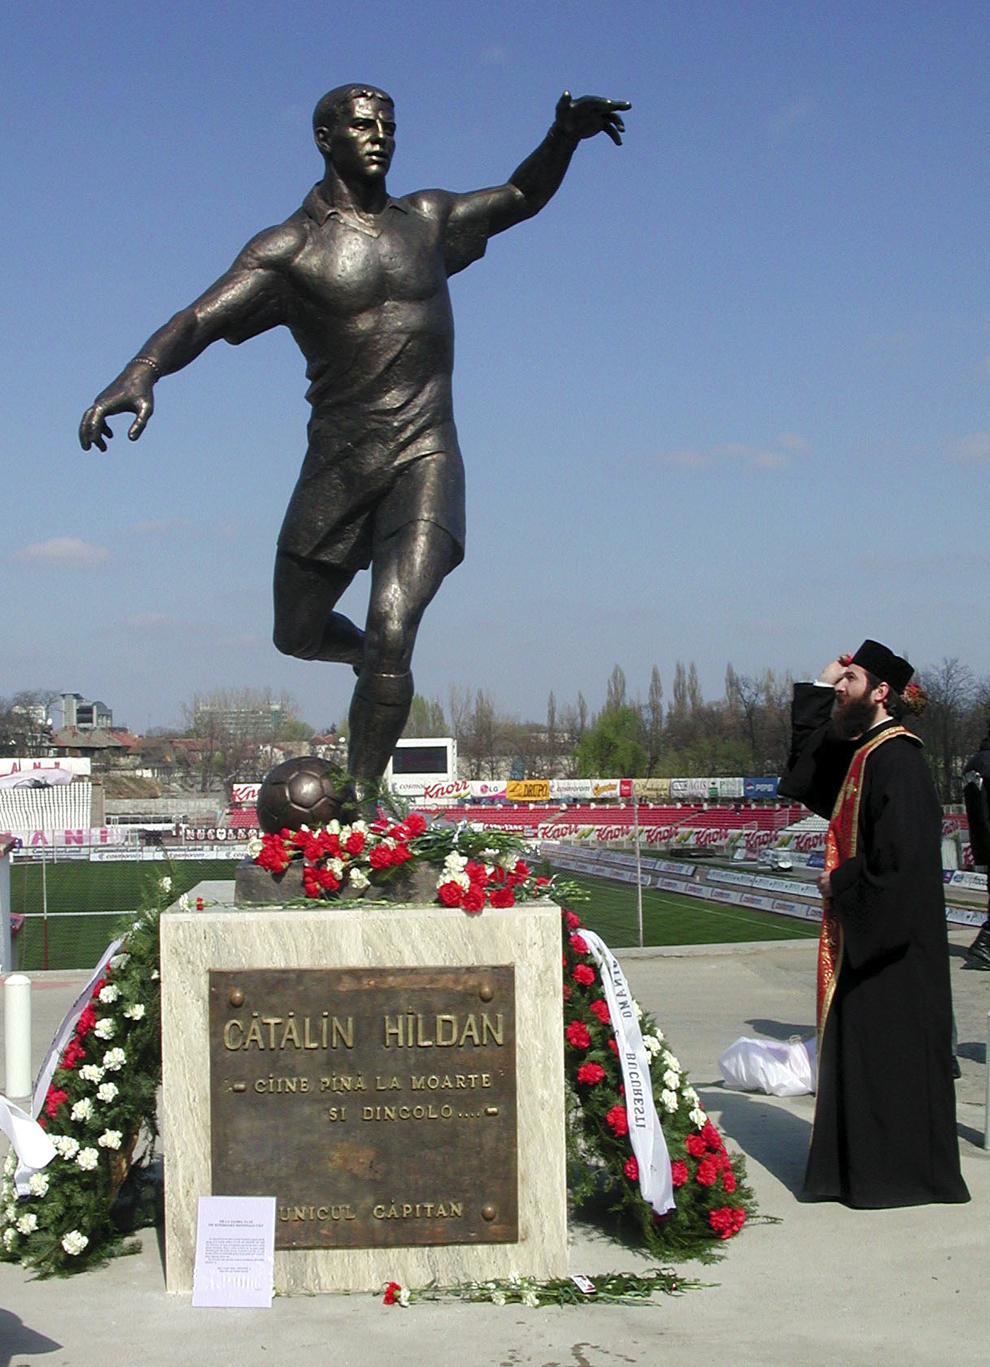 """Statuia fostului fotbalist dinamovist Cătălin Hîldan, amplasată în faţa Stadionului """"Dinamo"""" a fost dezvelită în cadrul unei ceremonii."""